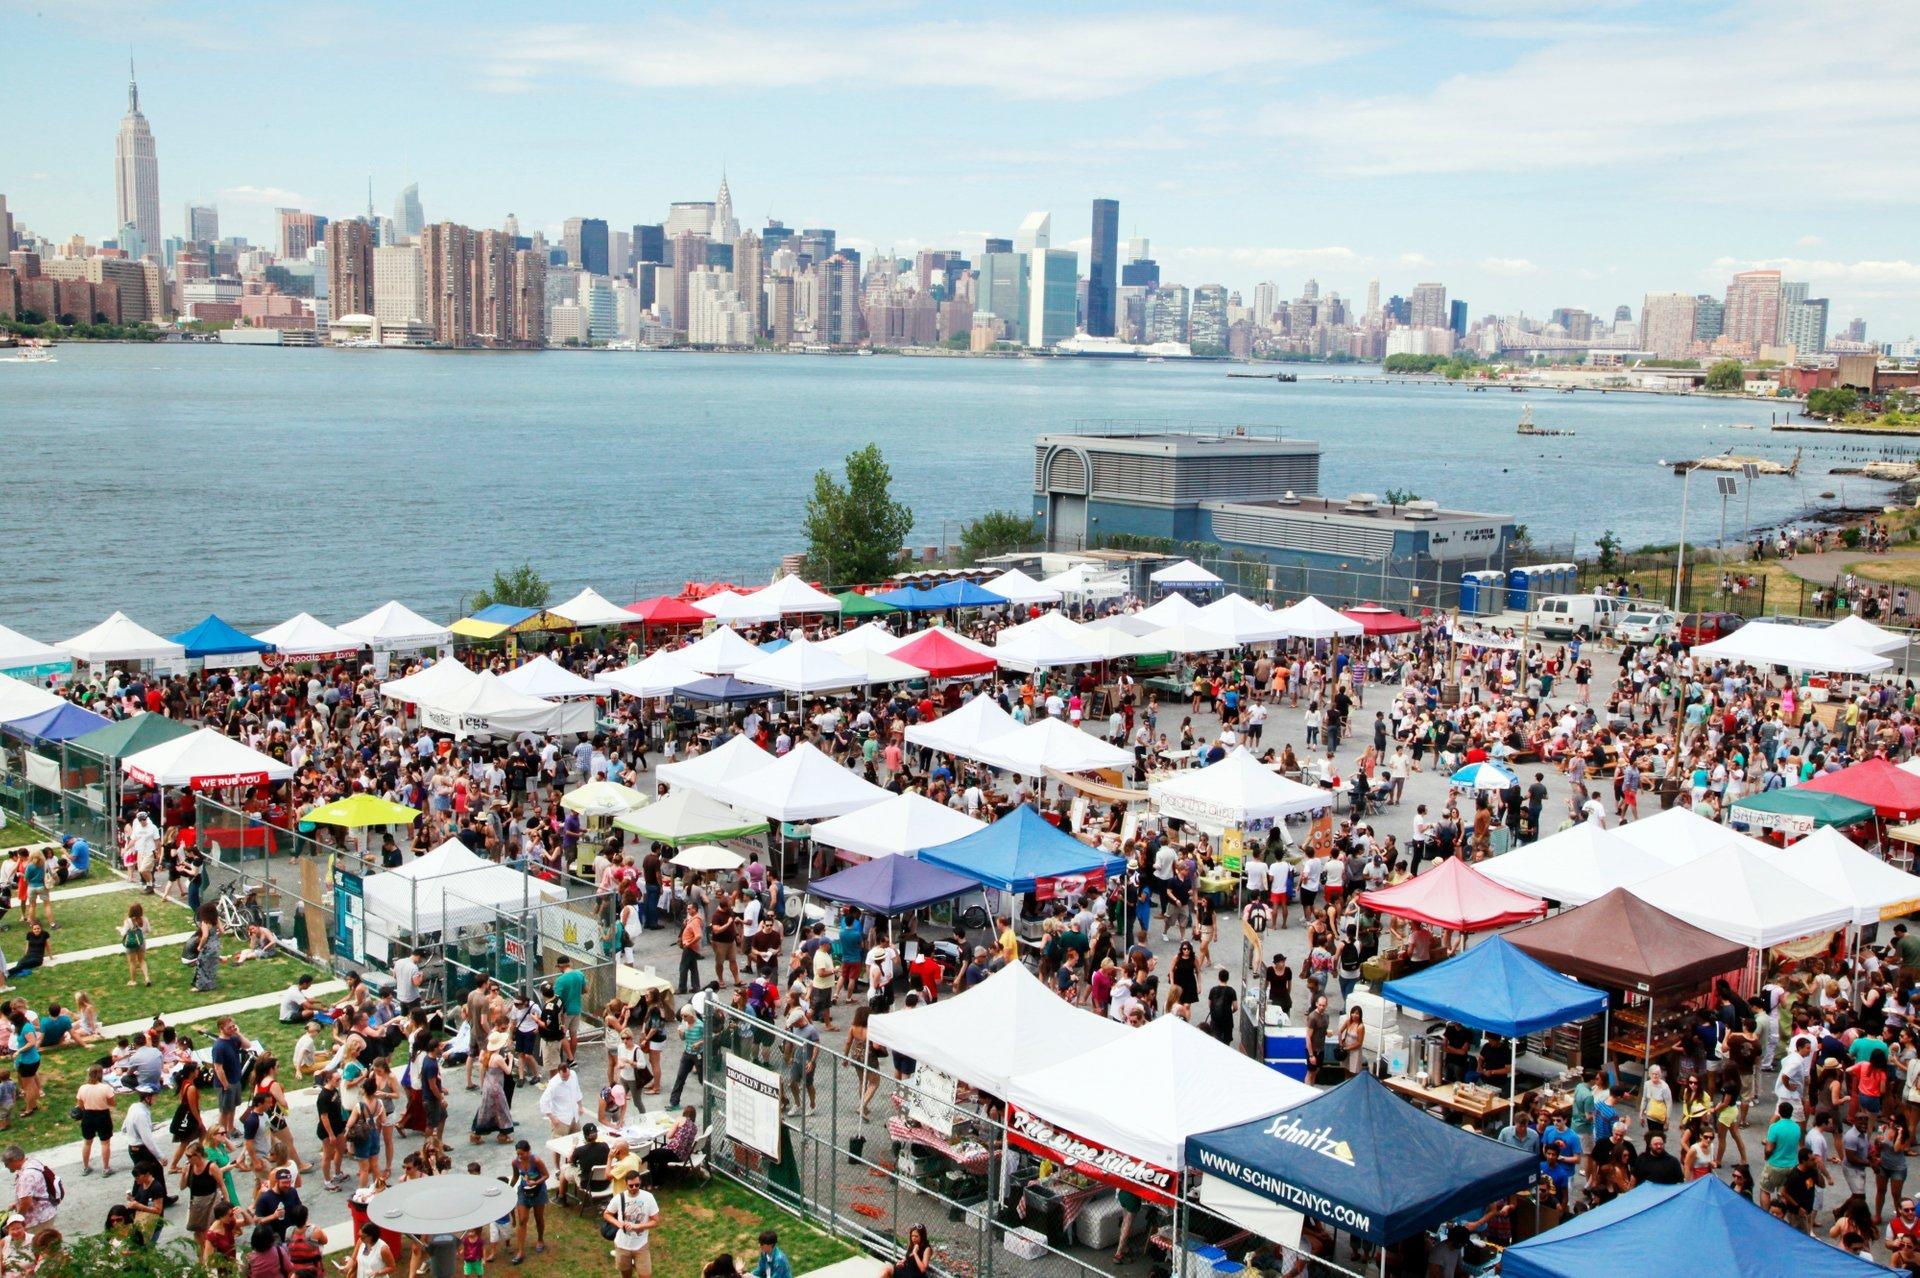 Flea Markets in New York 2020 - Best Time